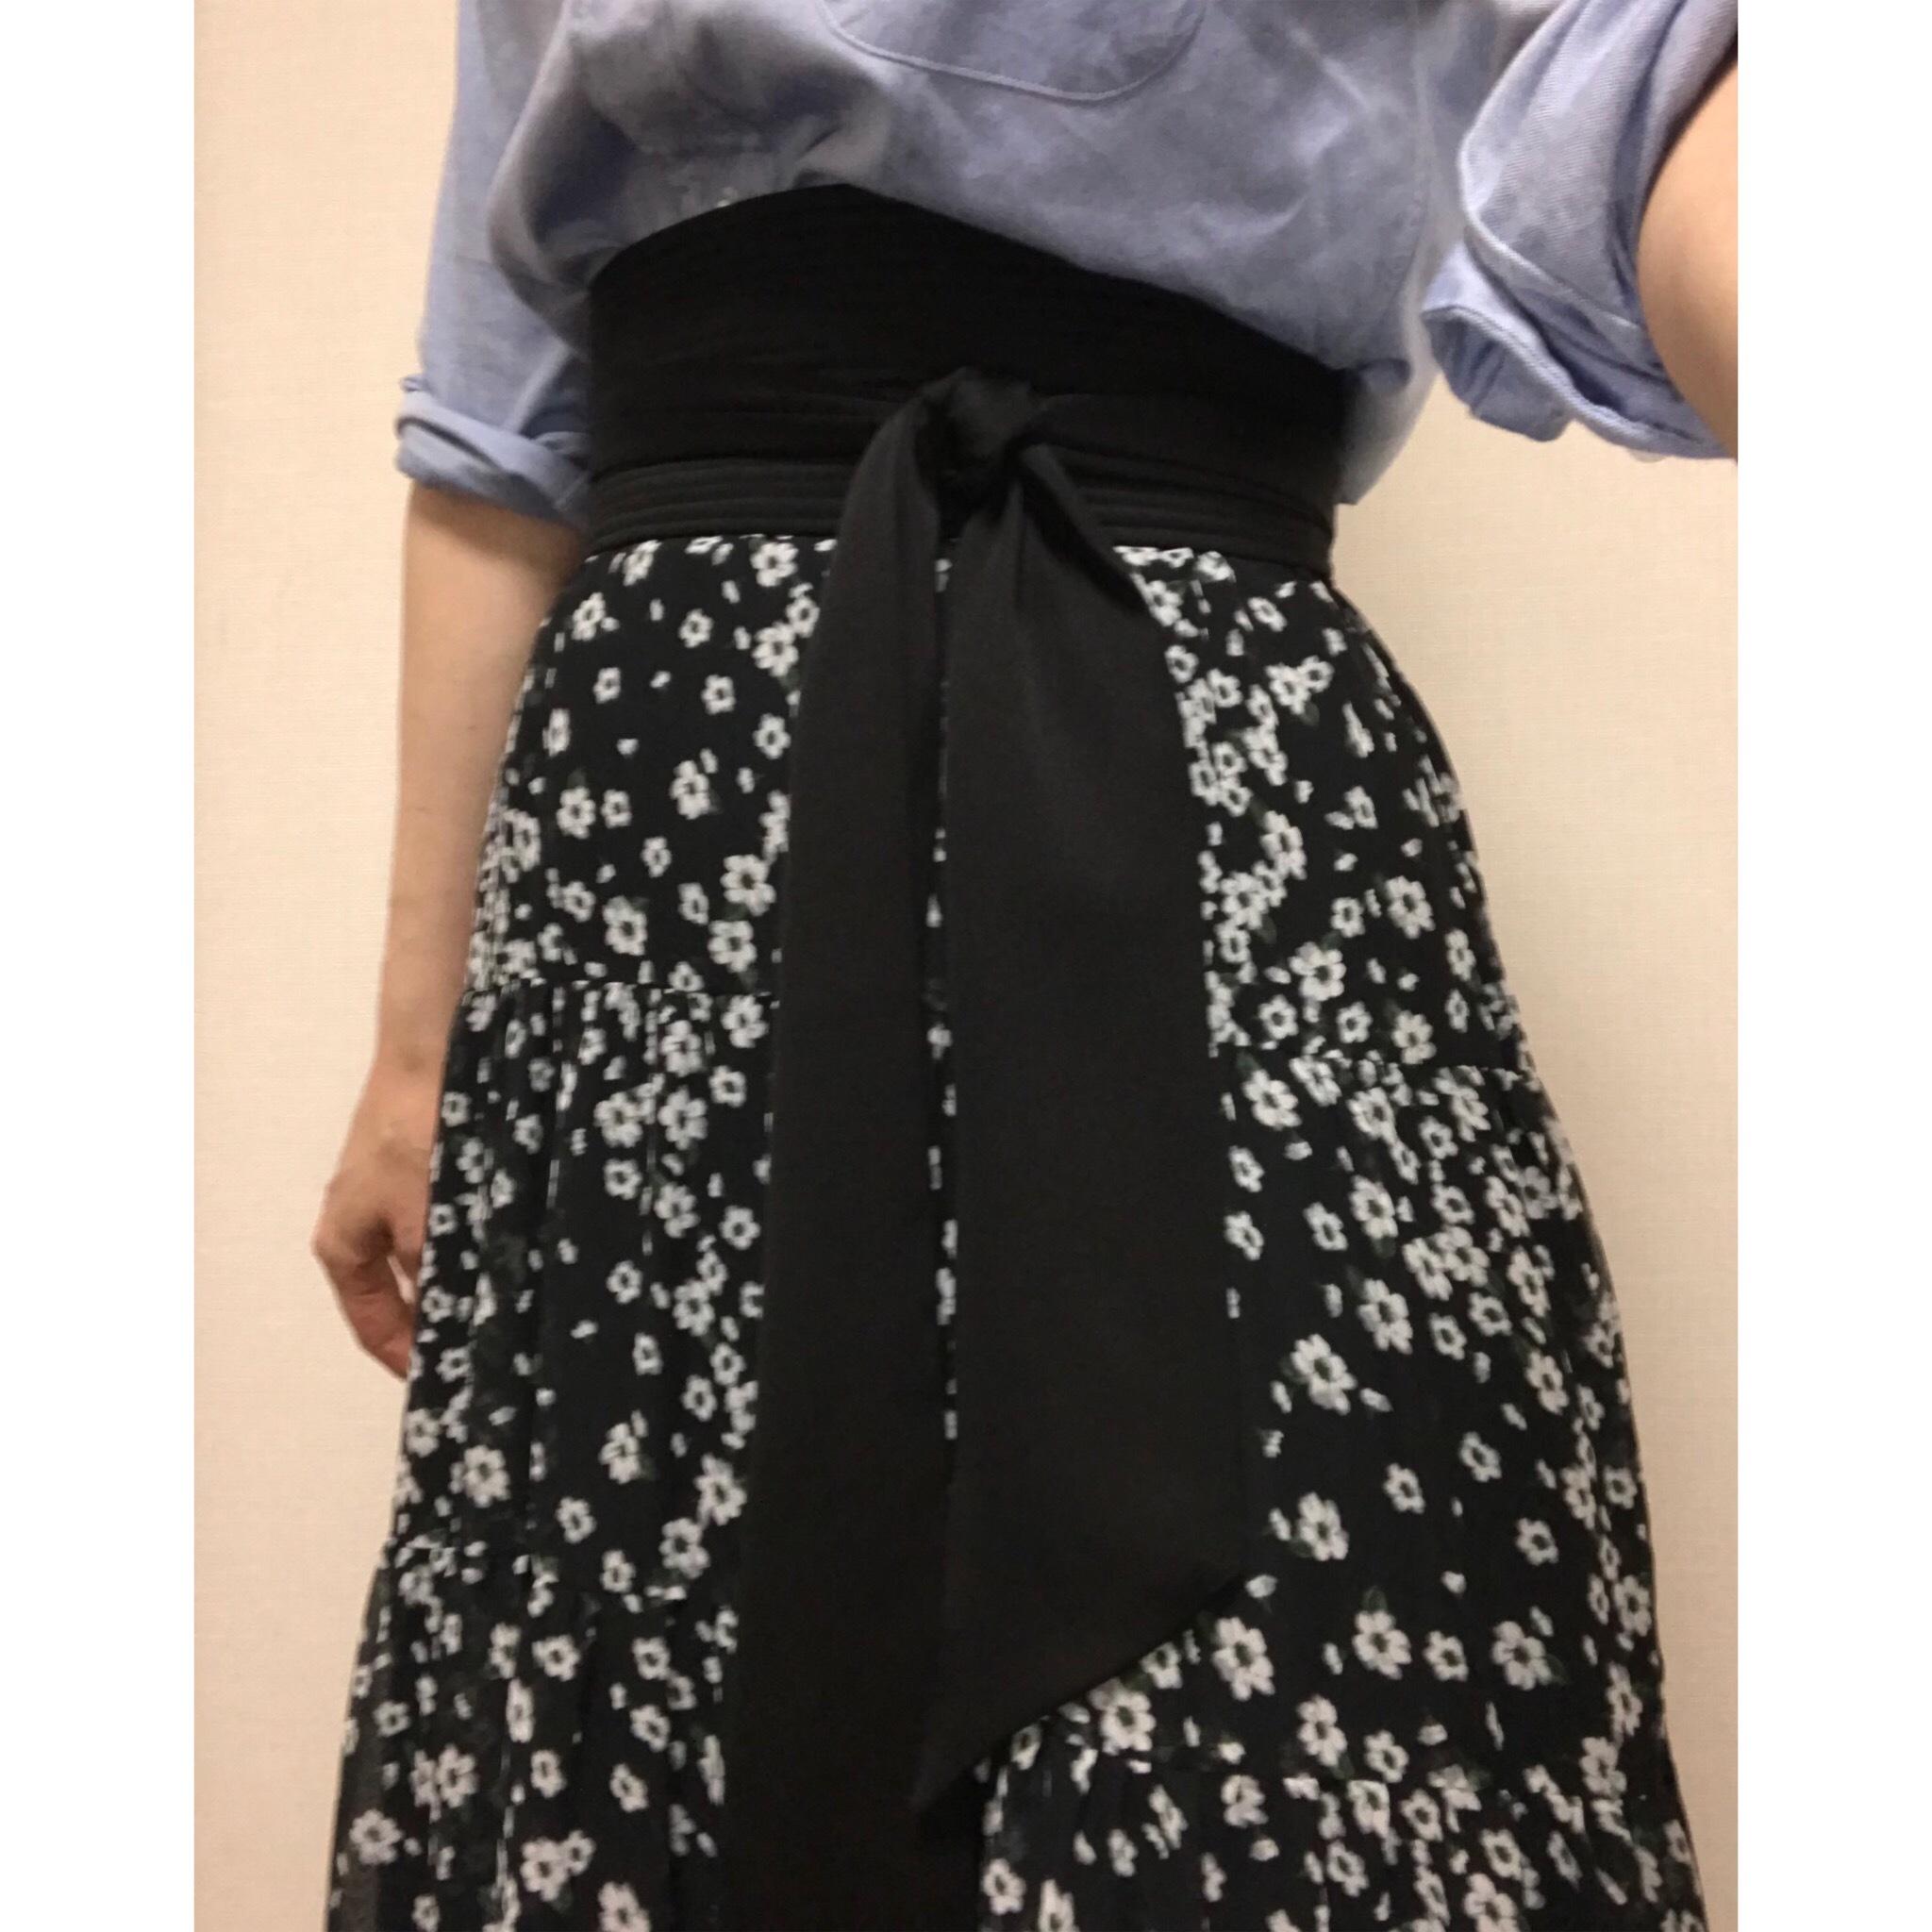 小さな花柄。ロマンティックな気分になれる ♫ SHE tokyoのスカート_1_2-4